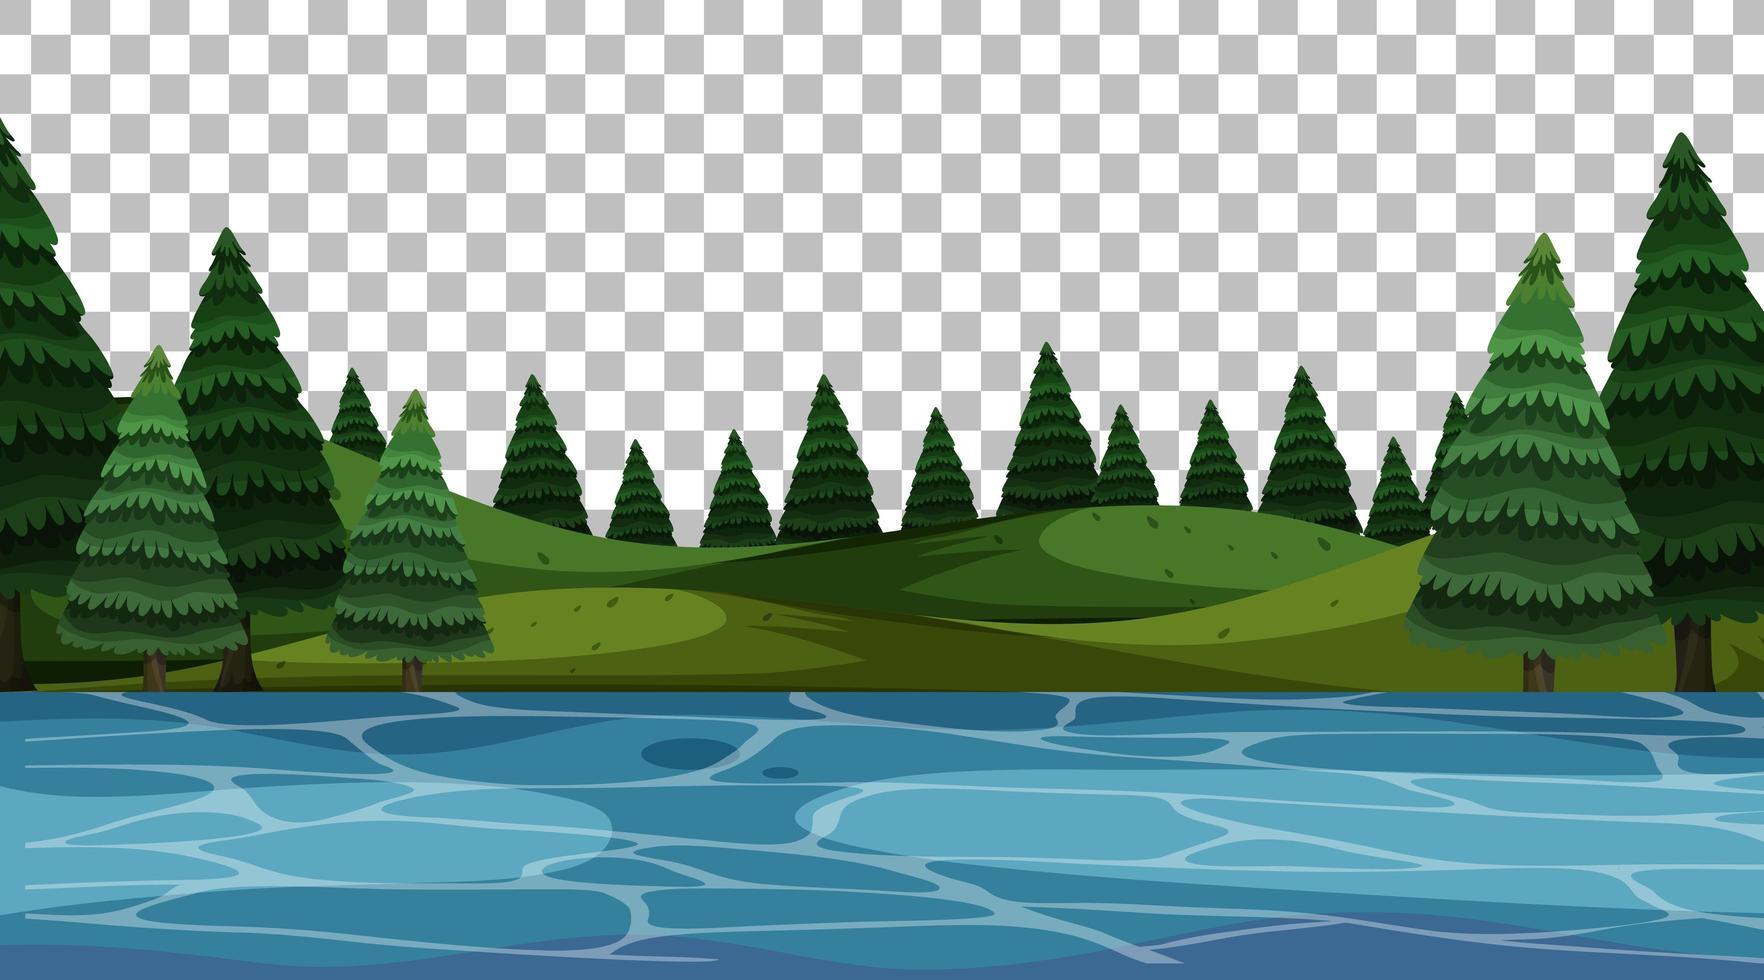 natur park landskap scen vektor